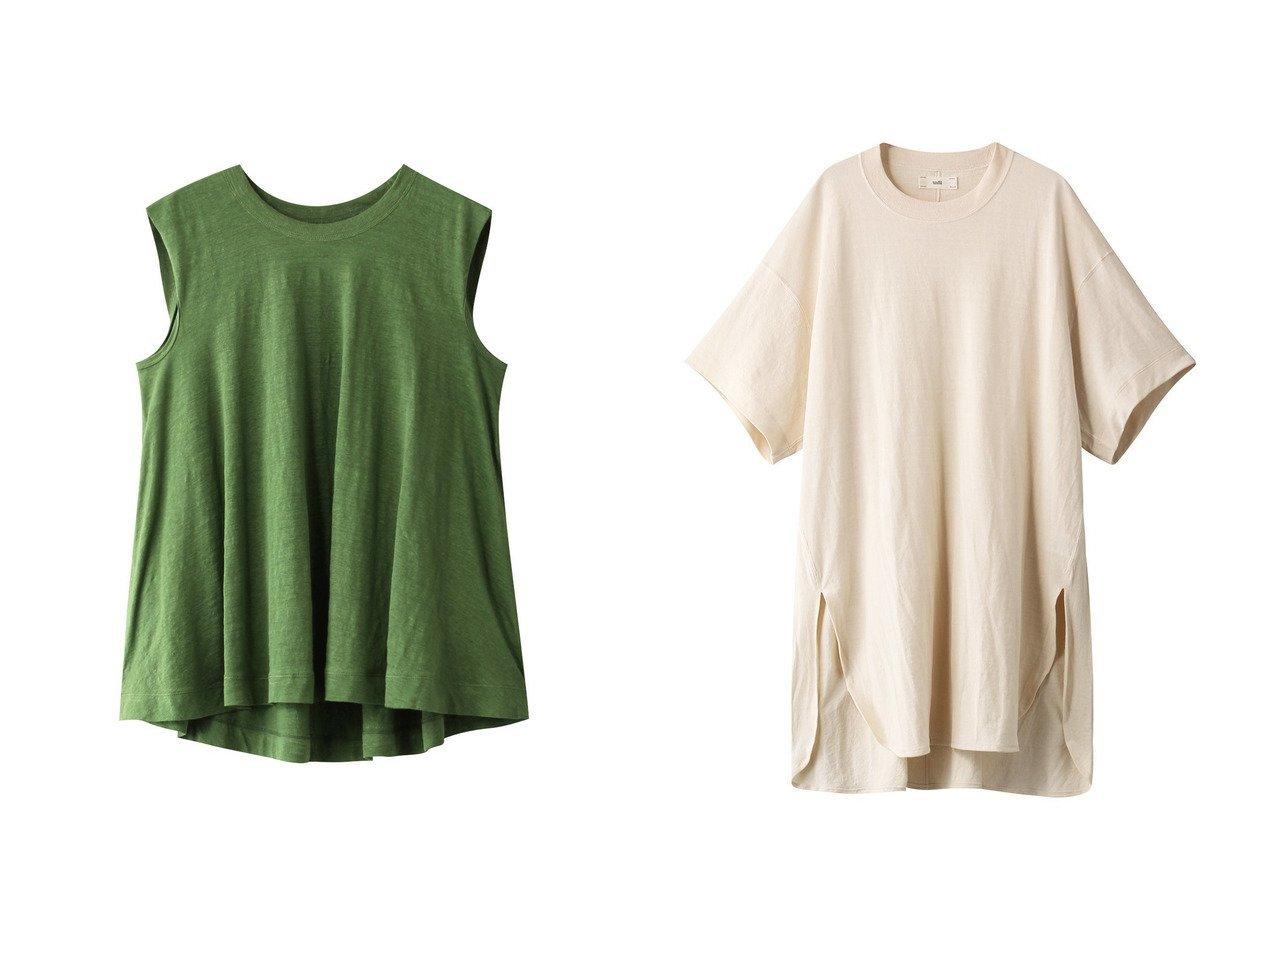 【unfil/アンフィル】のフレンチリネンジャージーノースリーブAライントップ&ペーパージャージー 5XL Tシャツ 【トップス・カットソー】おすすめ!人気、トレンド・レディースファッションの通販 おすすめで人気の流行・トレンド、ファッションの通販商品 メンズファッション・キッズファッション・インテリア・家具・レディースファッション・服の通販 founy(ファニー) https://founy.com/ ファッション Fashion レディースファッション WOMEN トップス・カットソー Tops/Tshirt キャミソール / ノースリーブ No Sleeves シャツ/ブラウス Shirts/Blouses ロング / Tシャツ T-Shirts カットソー Cut and Sewn キャミソール シンプル ジャージー タンク フランス フレア リネン ショート スリット スリーブ ペーパー ロング 半袖  ID:crp329100000038721